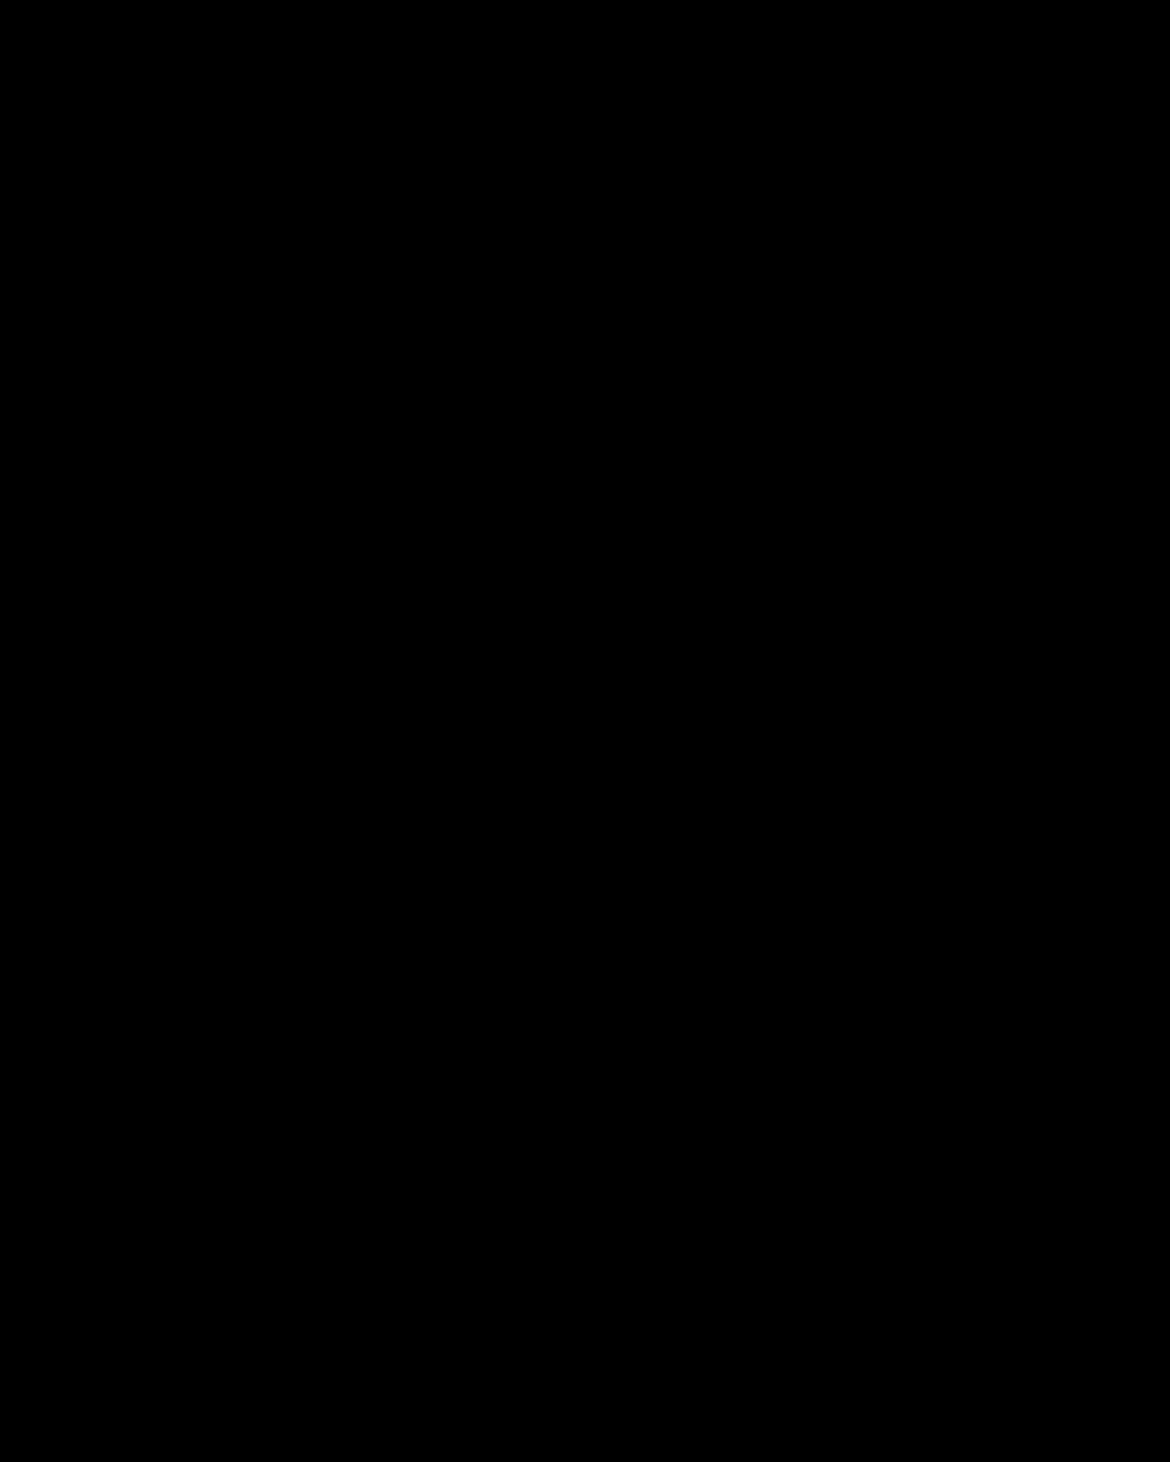 Laura Comolli Alla scoperta di profumi ed essenze nel laboratorio Perris Monte Carlo